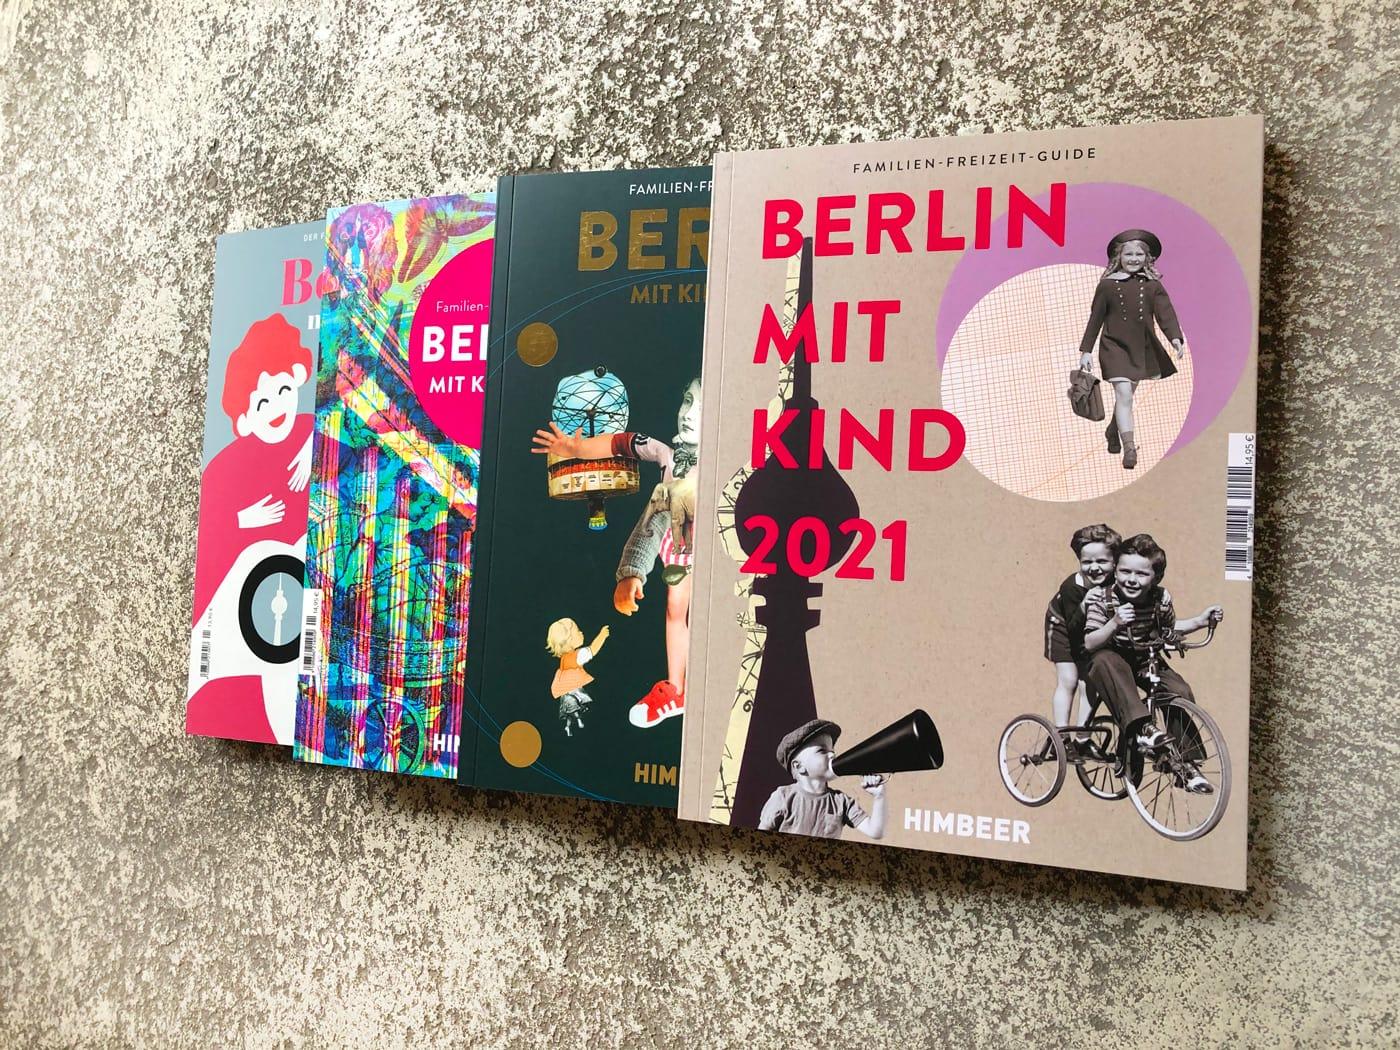 Die Familien-Freizeit-Guides aus dem HIMBEER Verlag // HIMBEER